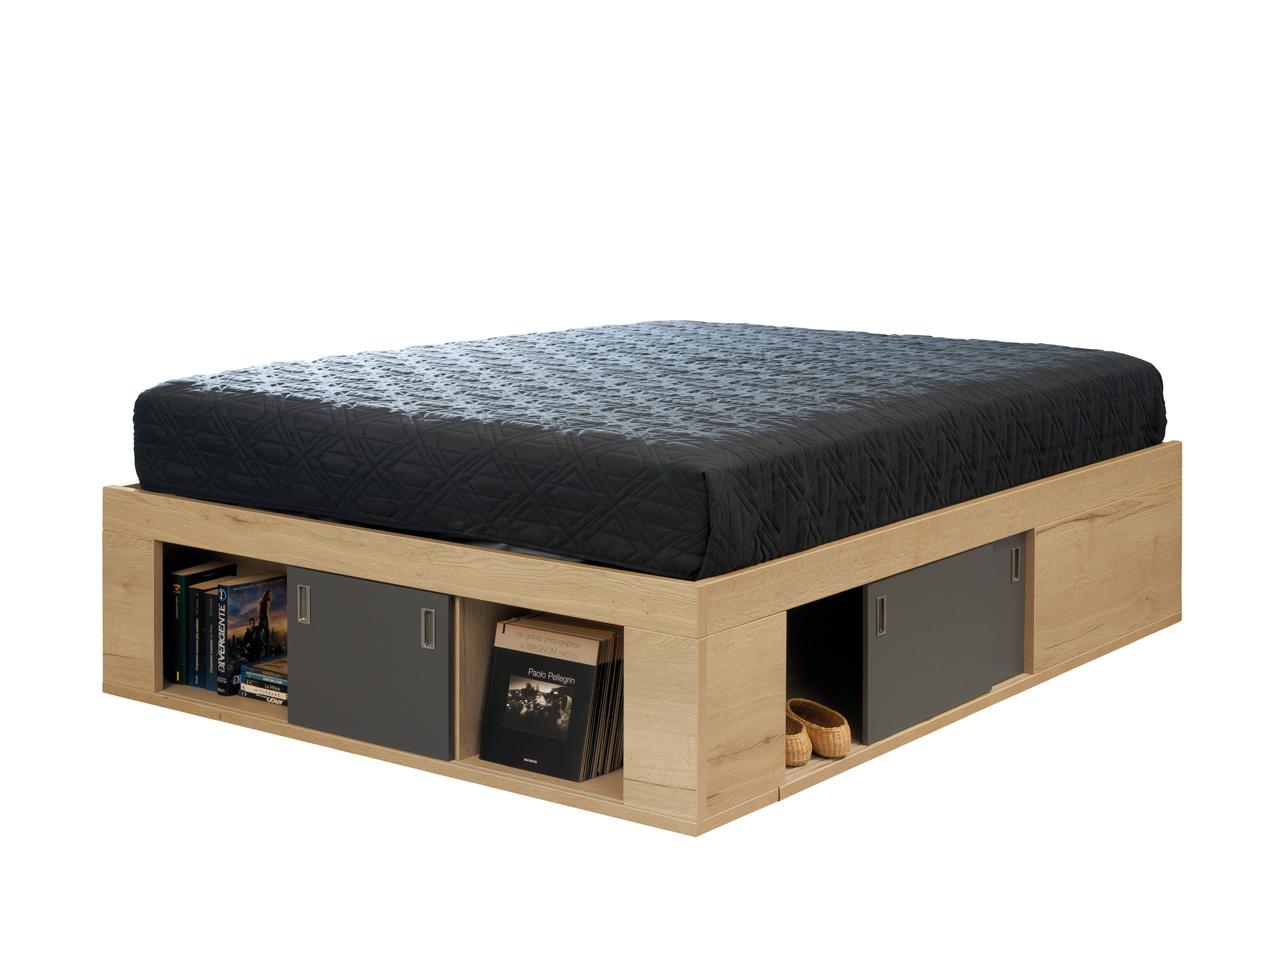 coffre de lit zodiaque ch ne naturel laque carbone 160x200. Black Bedroom Furniture Sets. Home Design Ideas